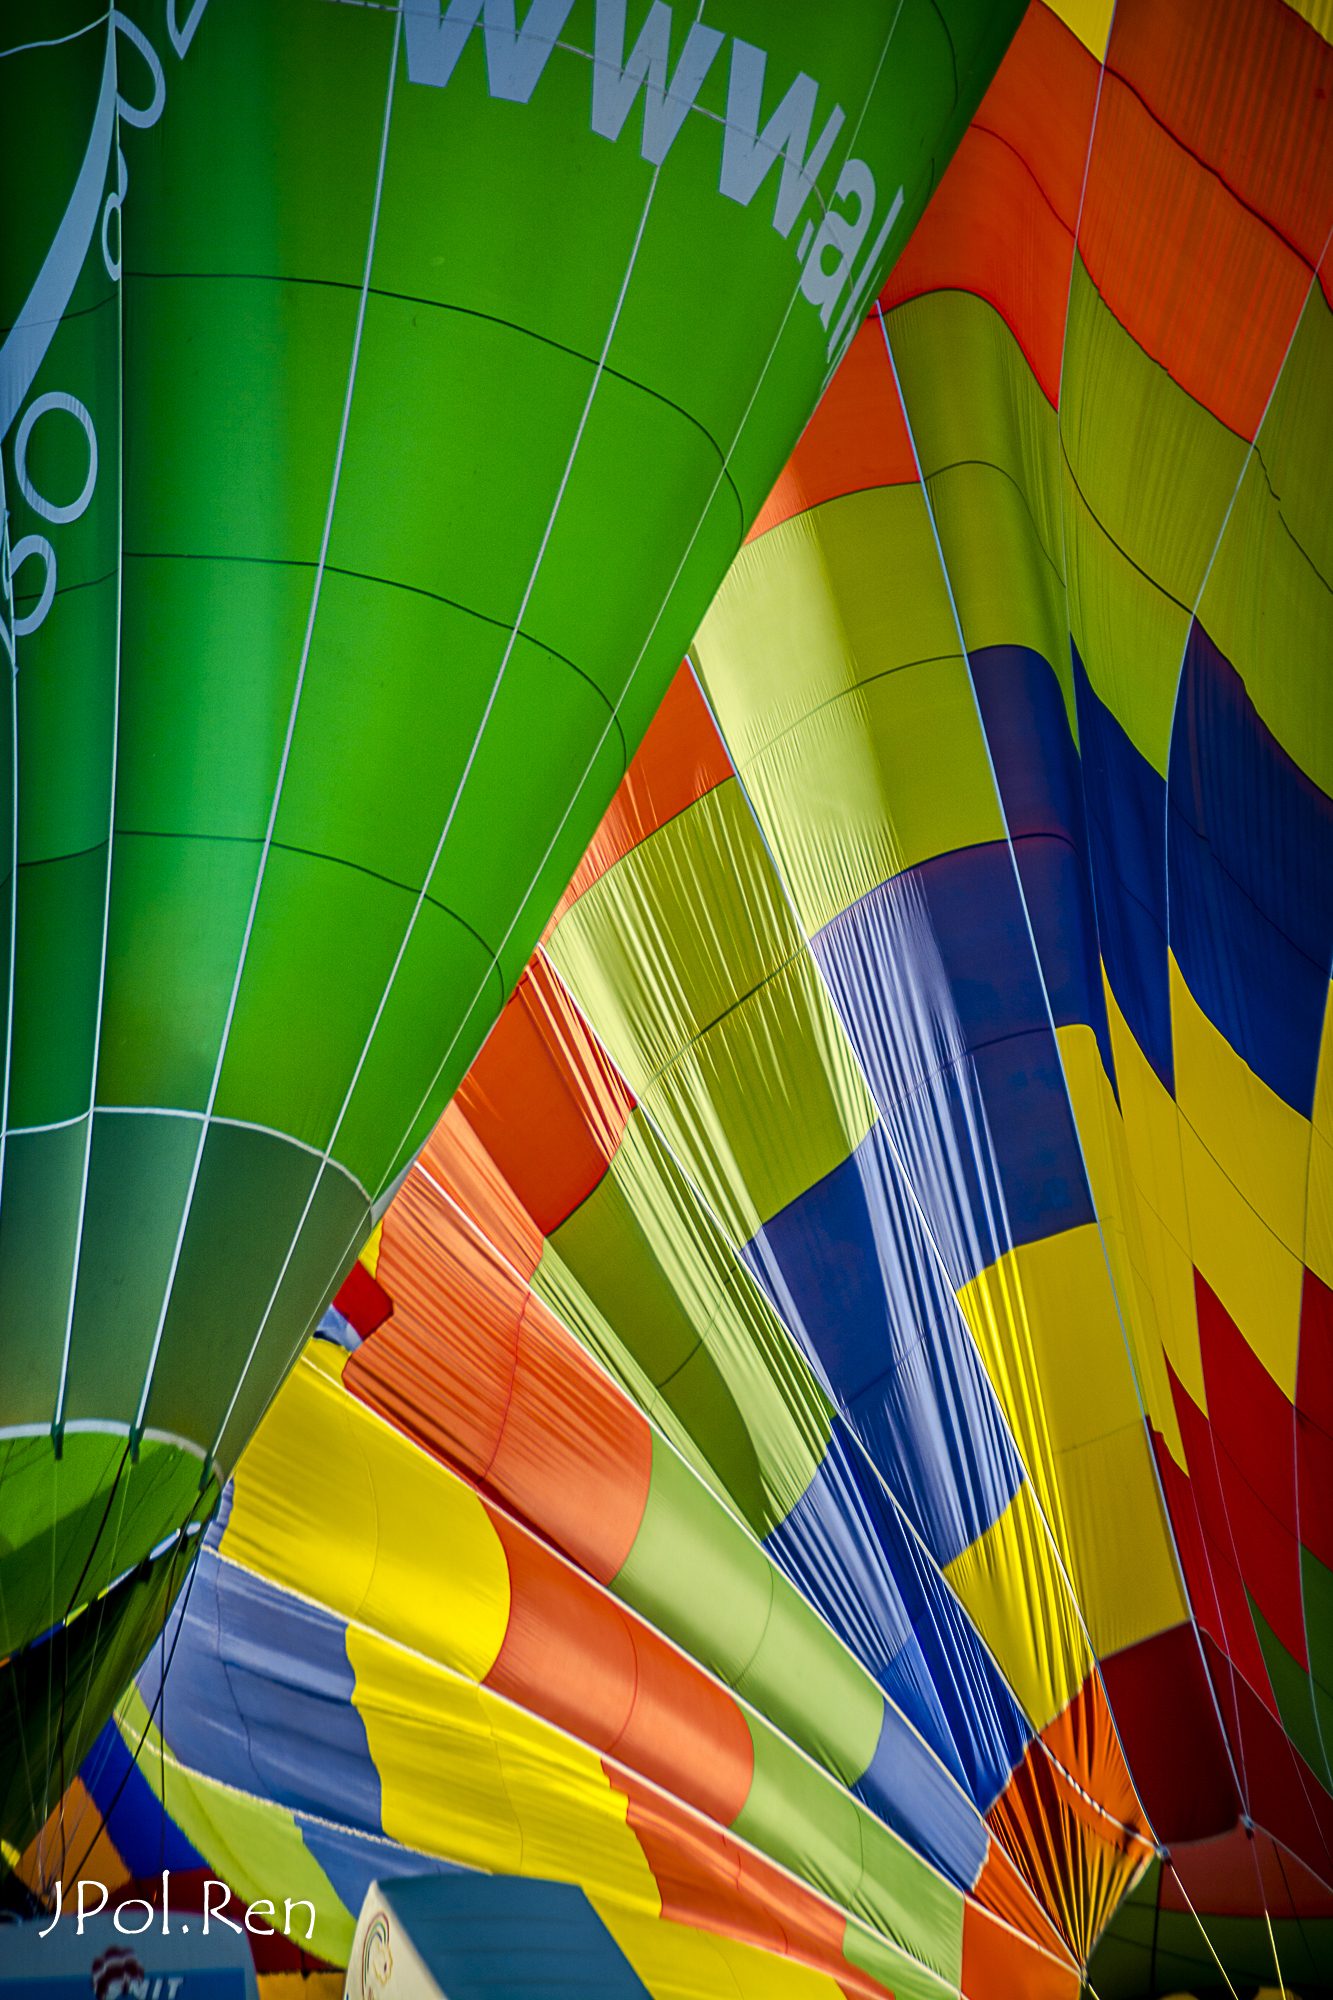 Mondial Air Ballon 2017 - Chambley - du 21 au 30 juillet - les photos 577578GG29air1603